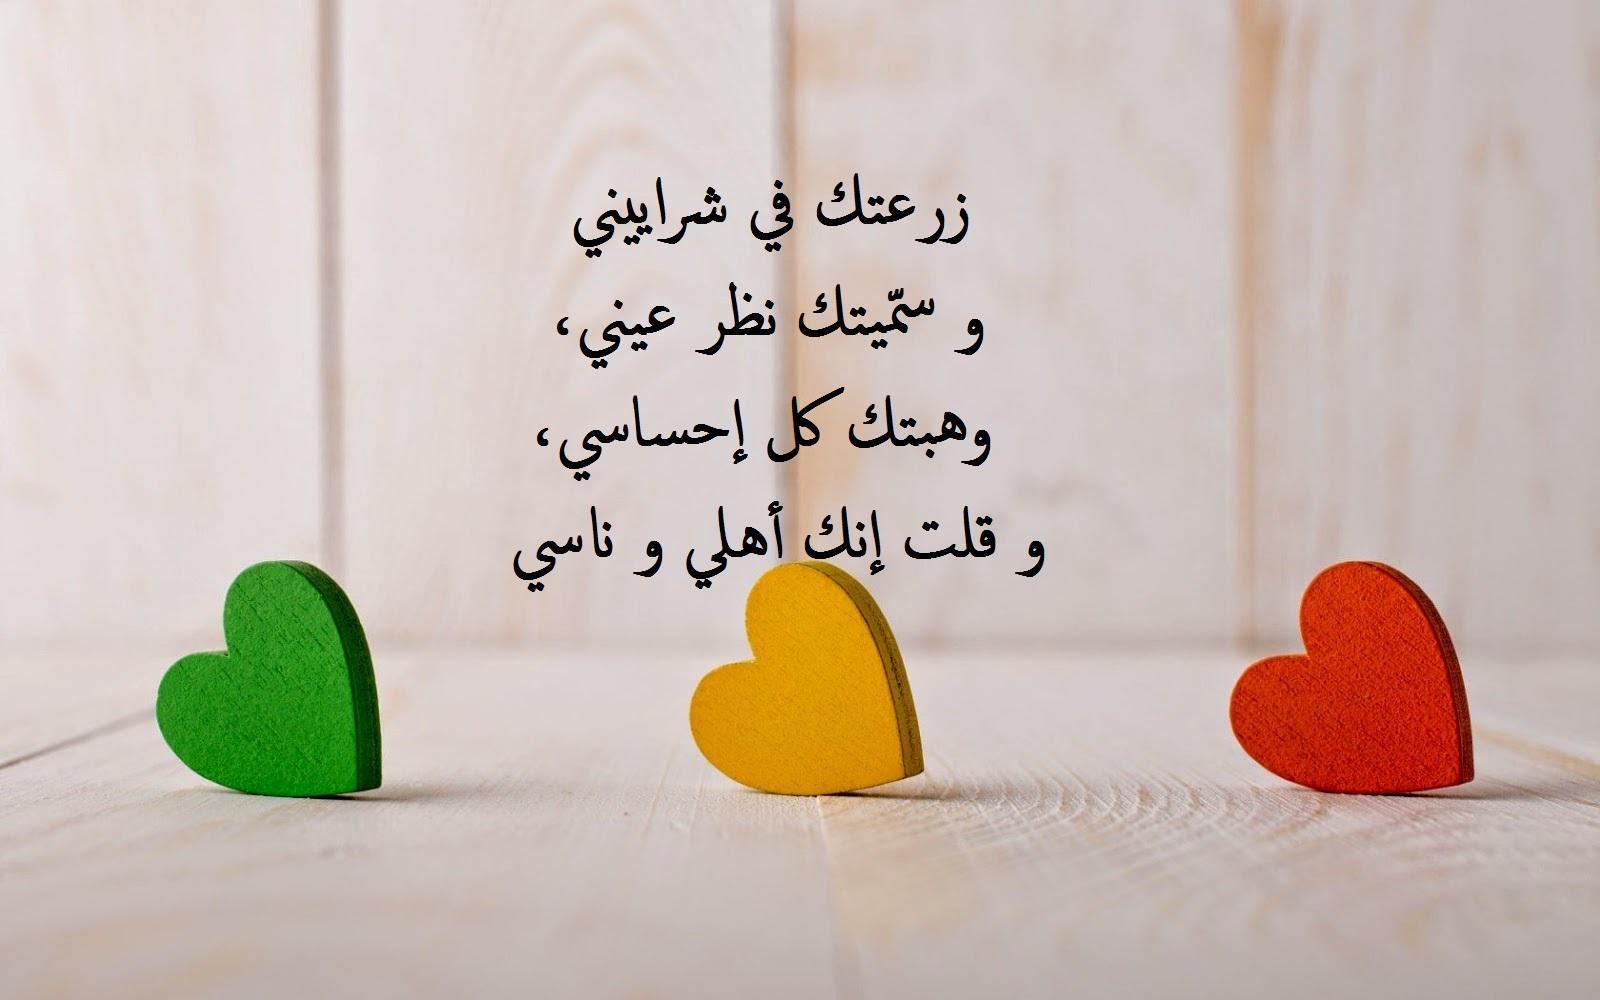 كلمات لها معنى في الحب